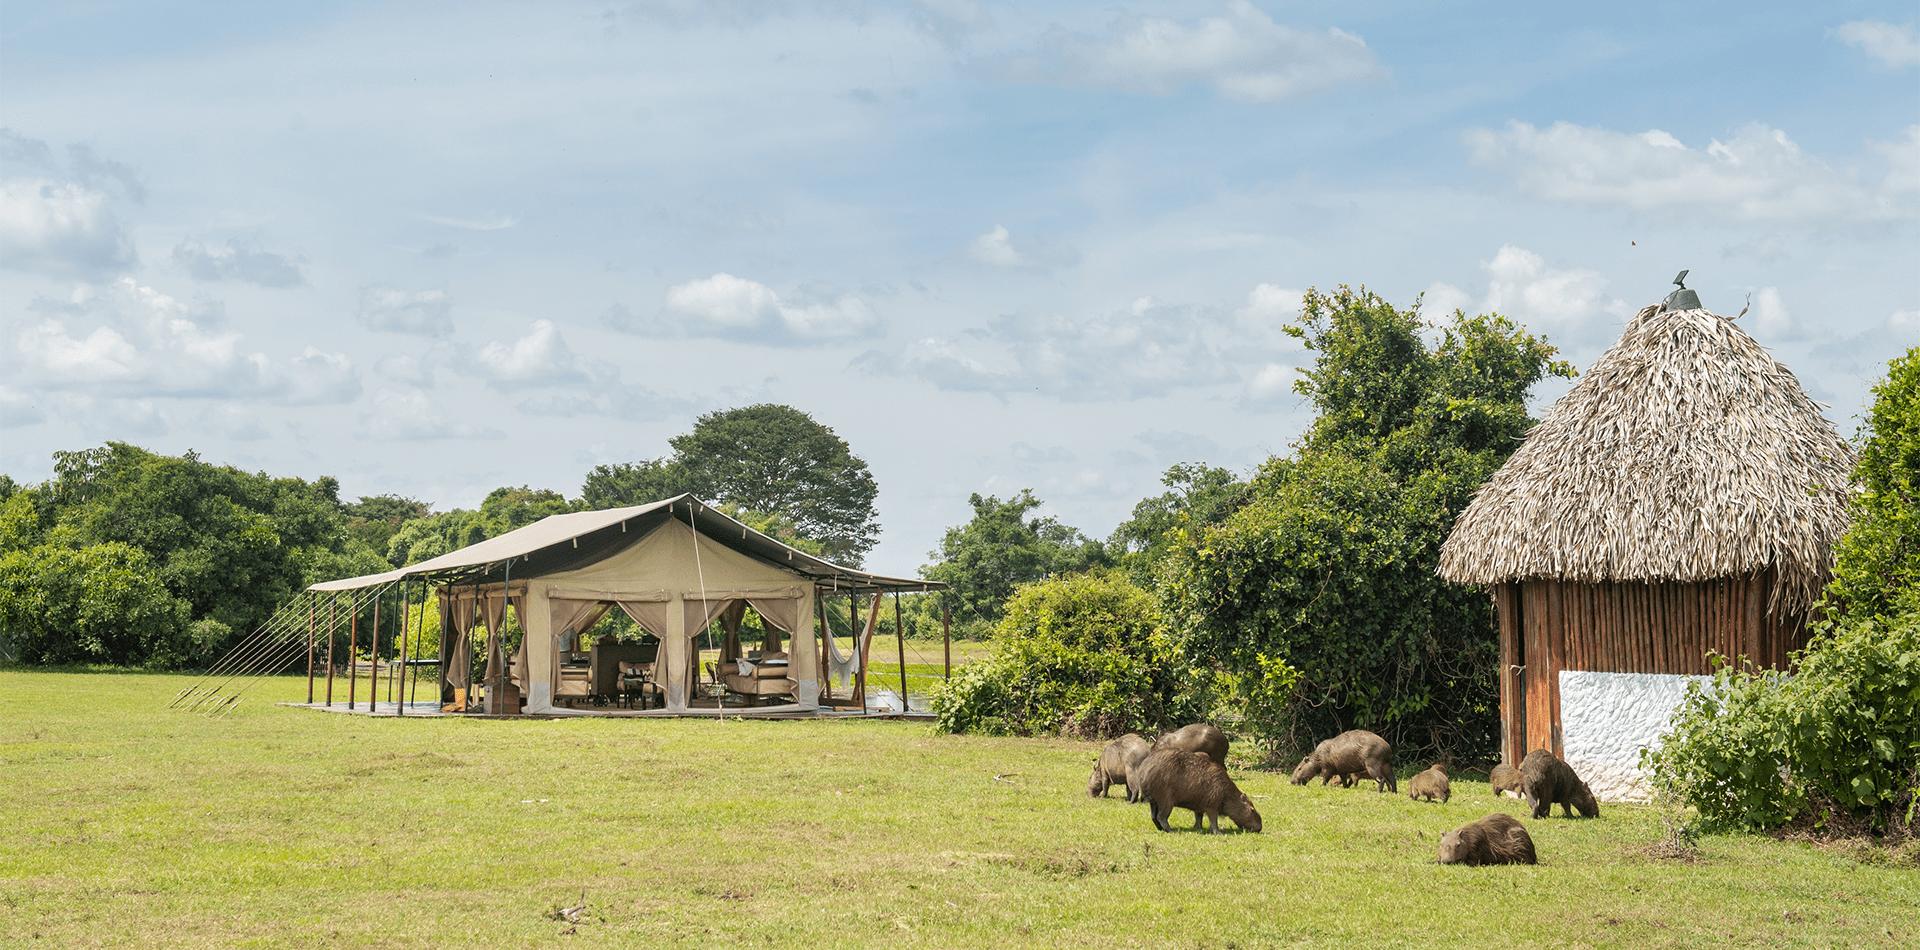 corocora wildlife camp exterior colombia